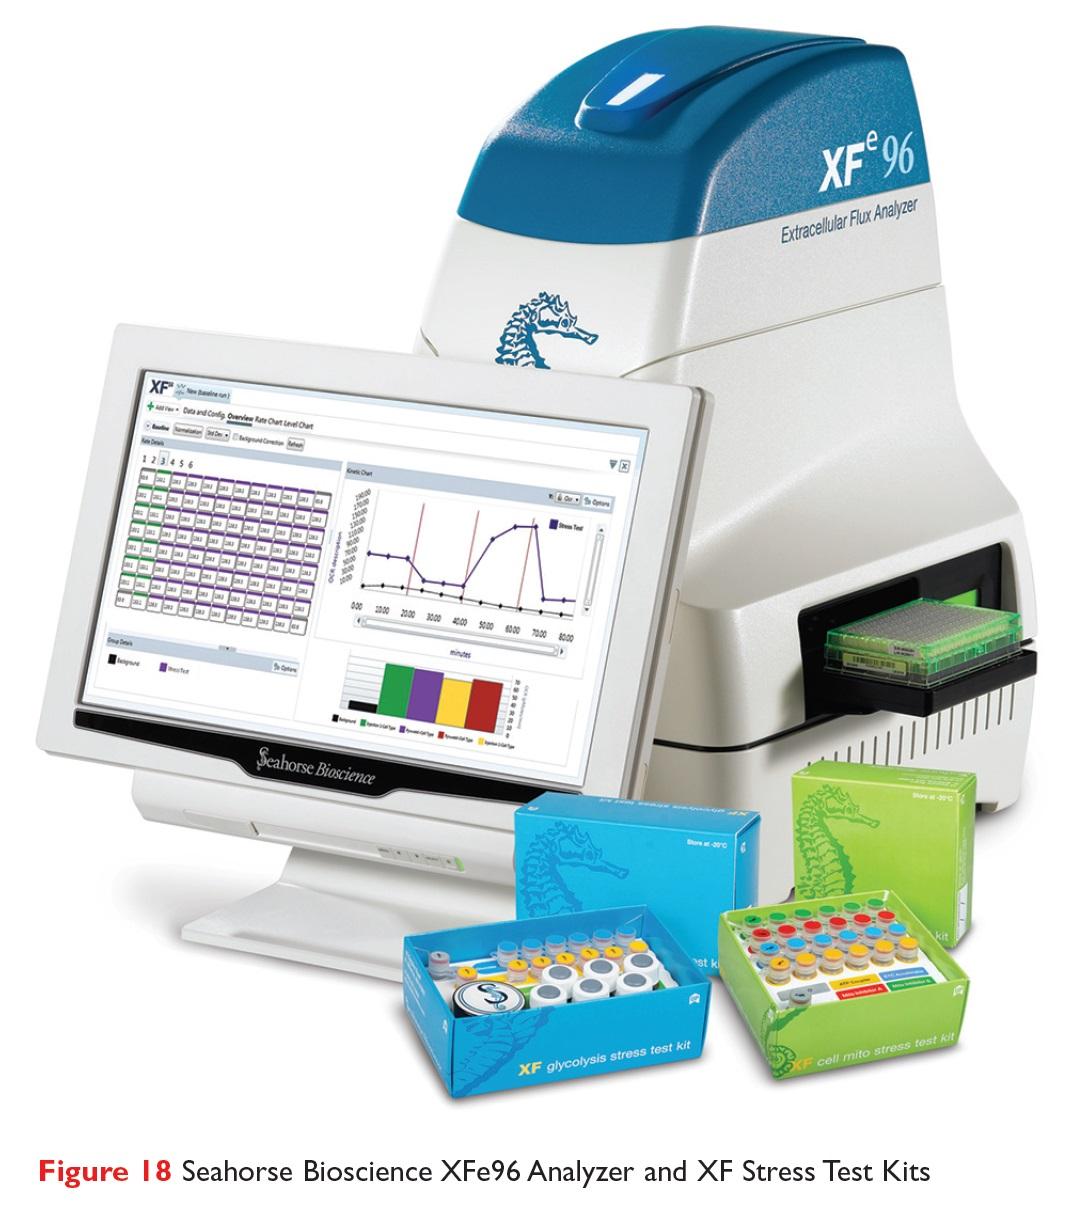 Figure 18 Seahorse Bioscience XFe96 Analyzer and XF Stress Test Kits